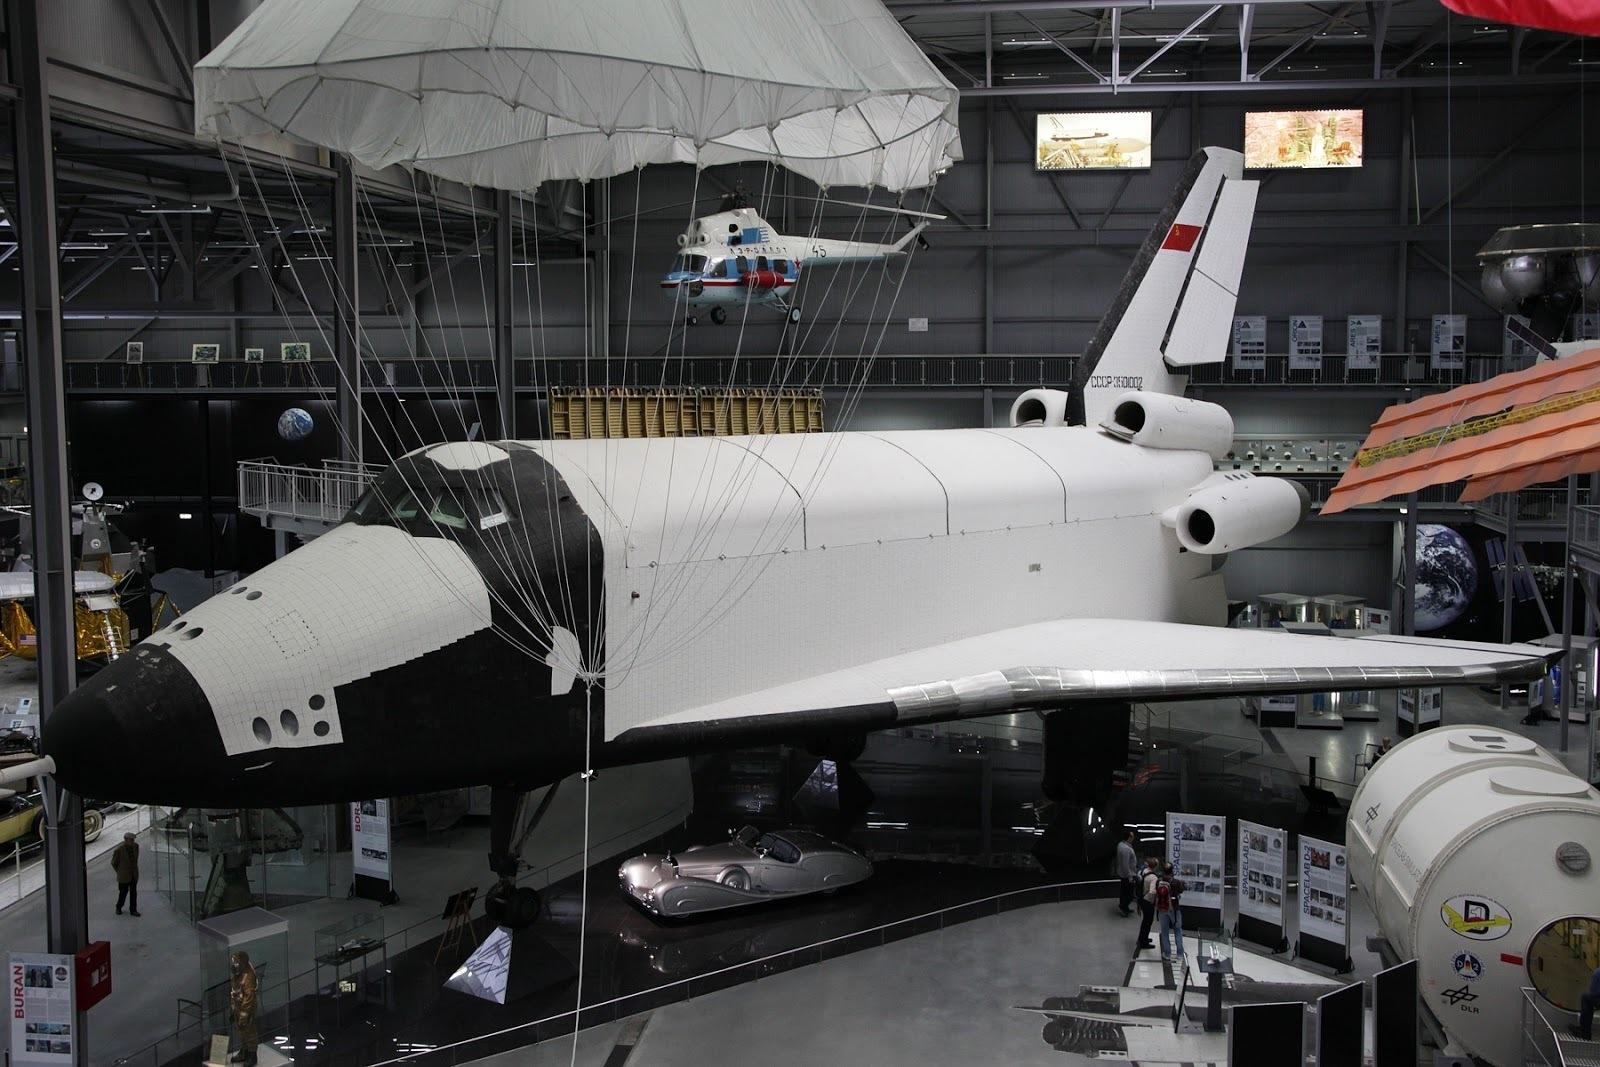 Эксперт объяснил, почему Россия вспомнила о старом проекте космического корабля Буран